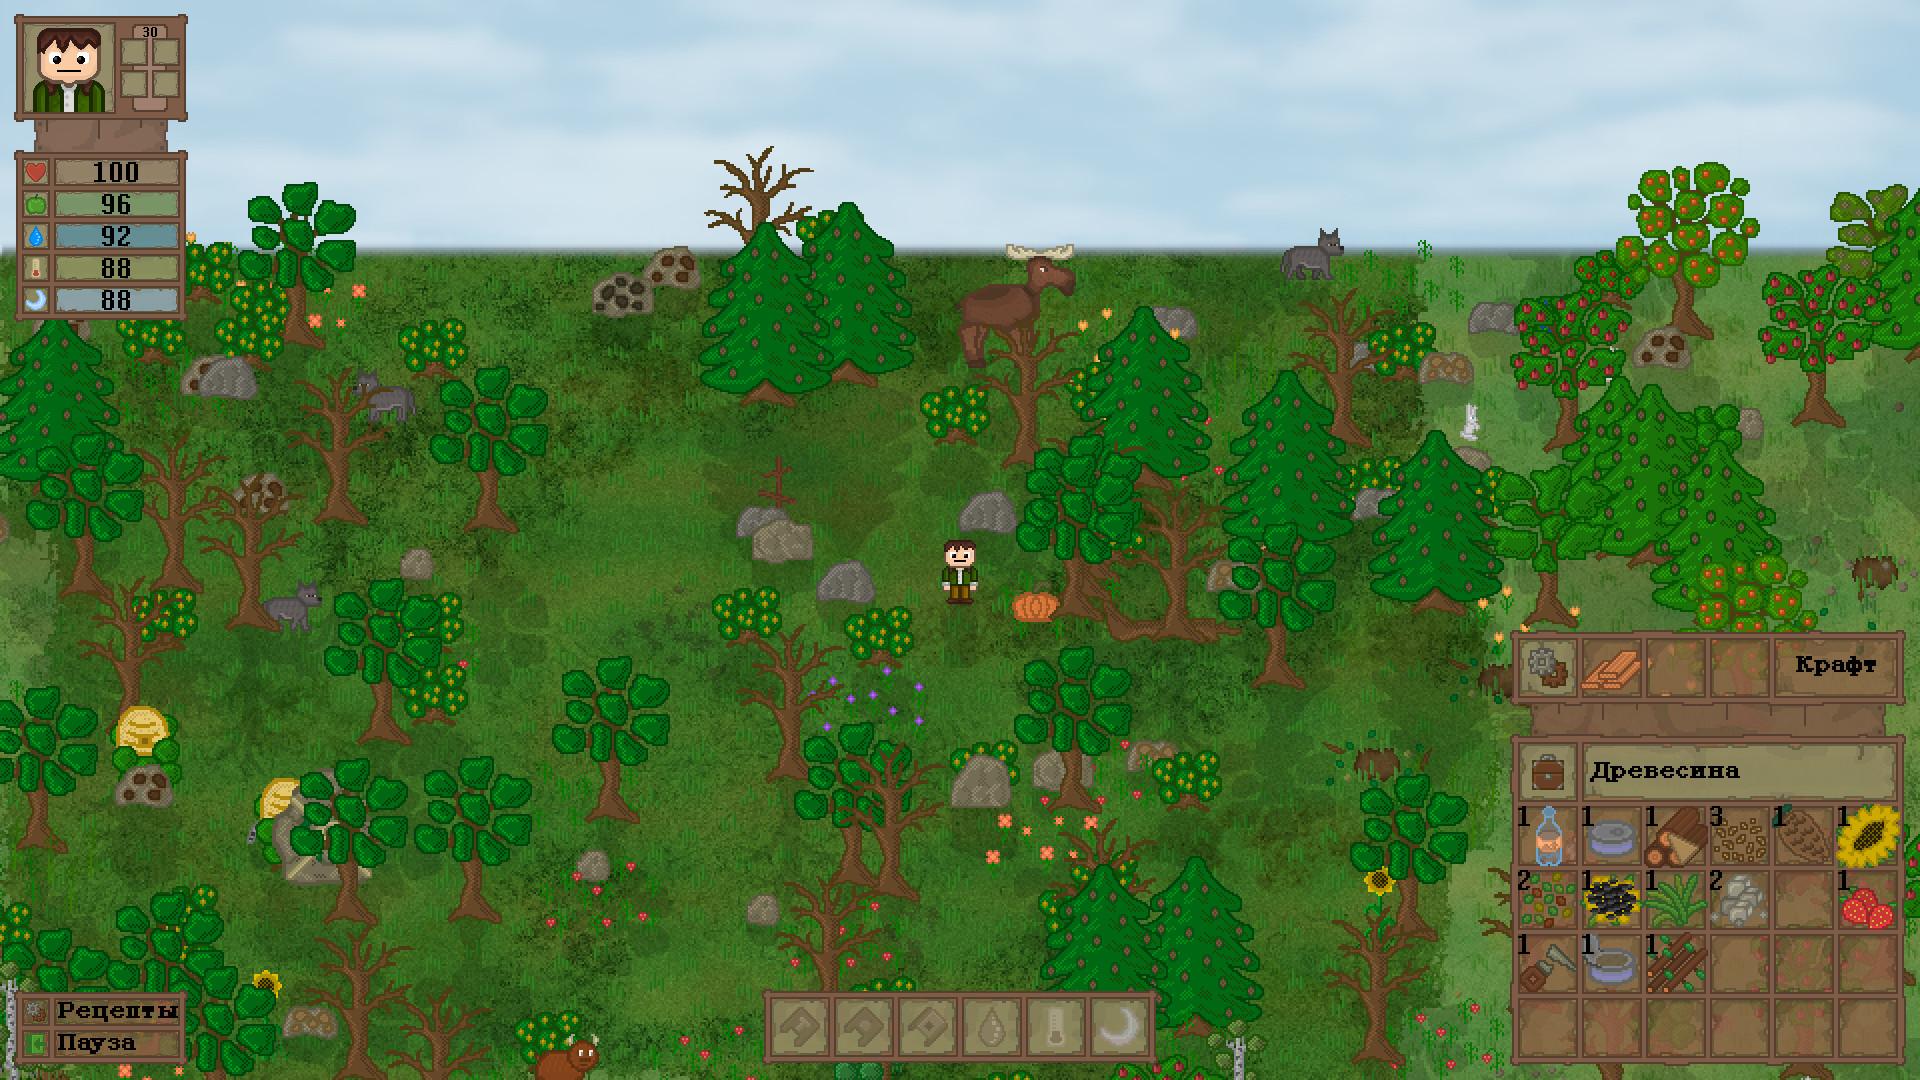 迷失森林2游戏图片欣赏